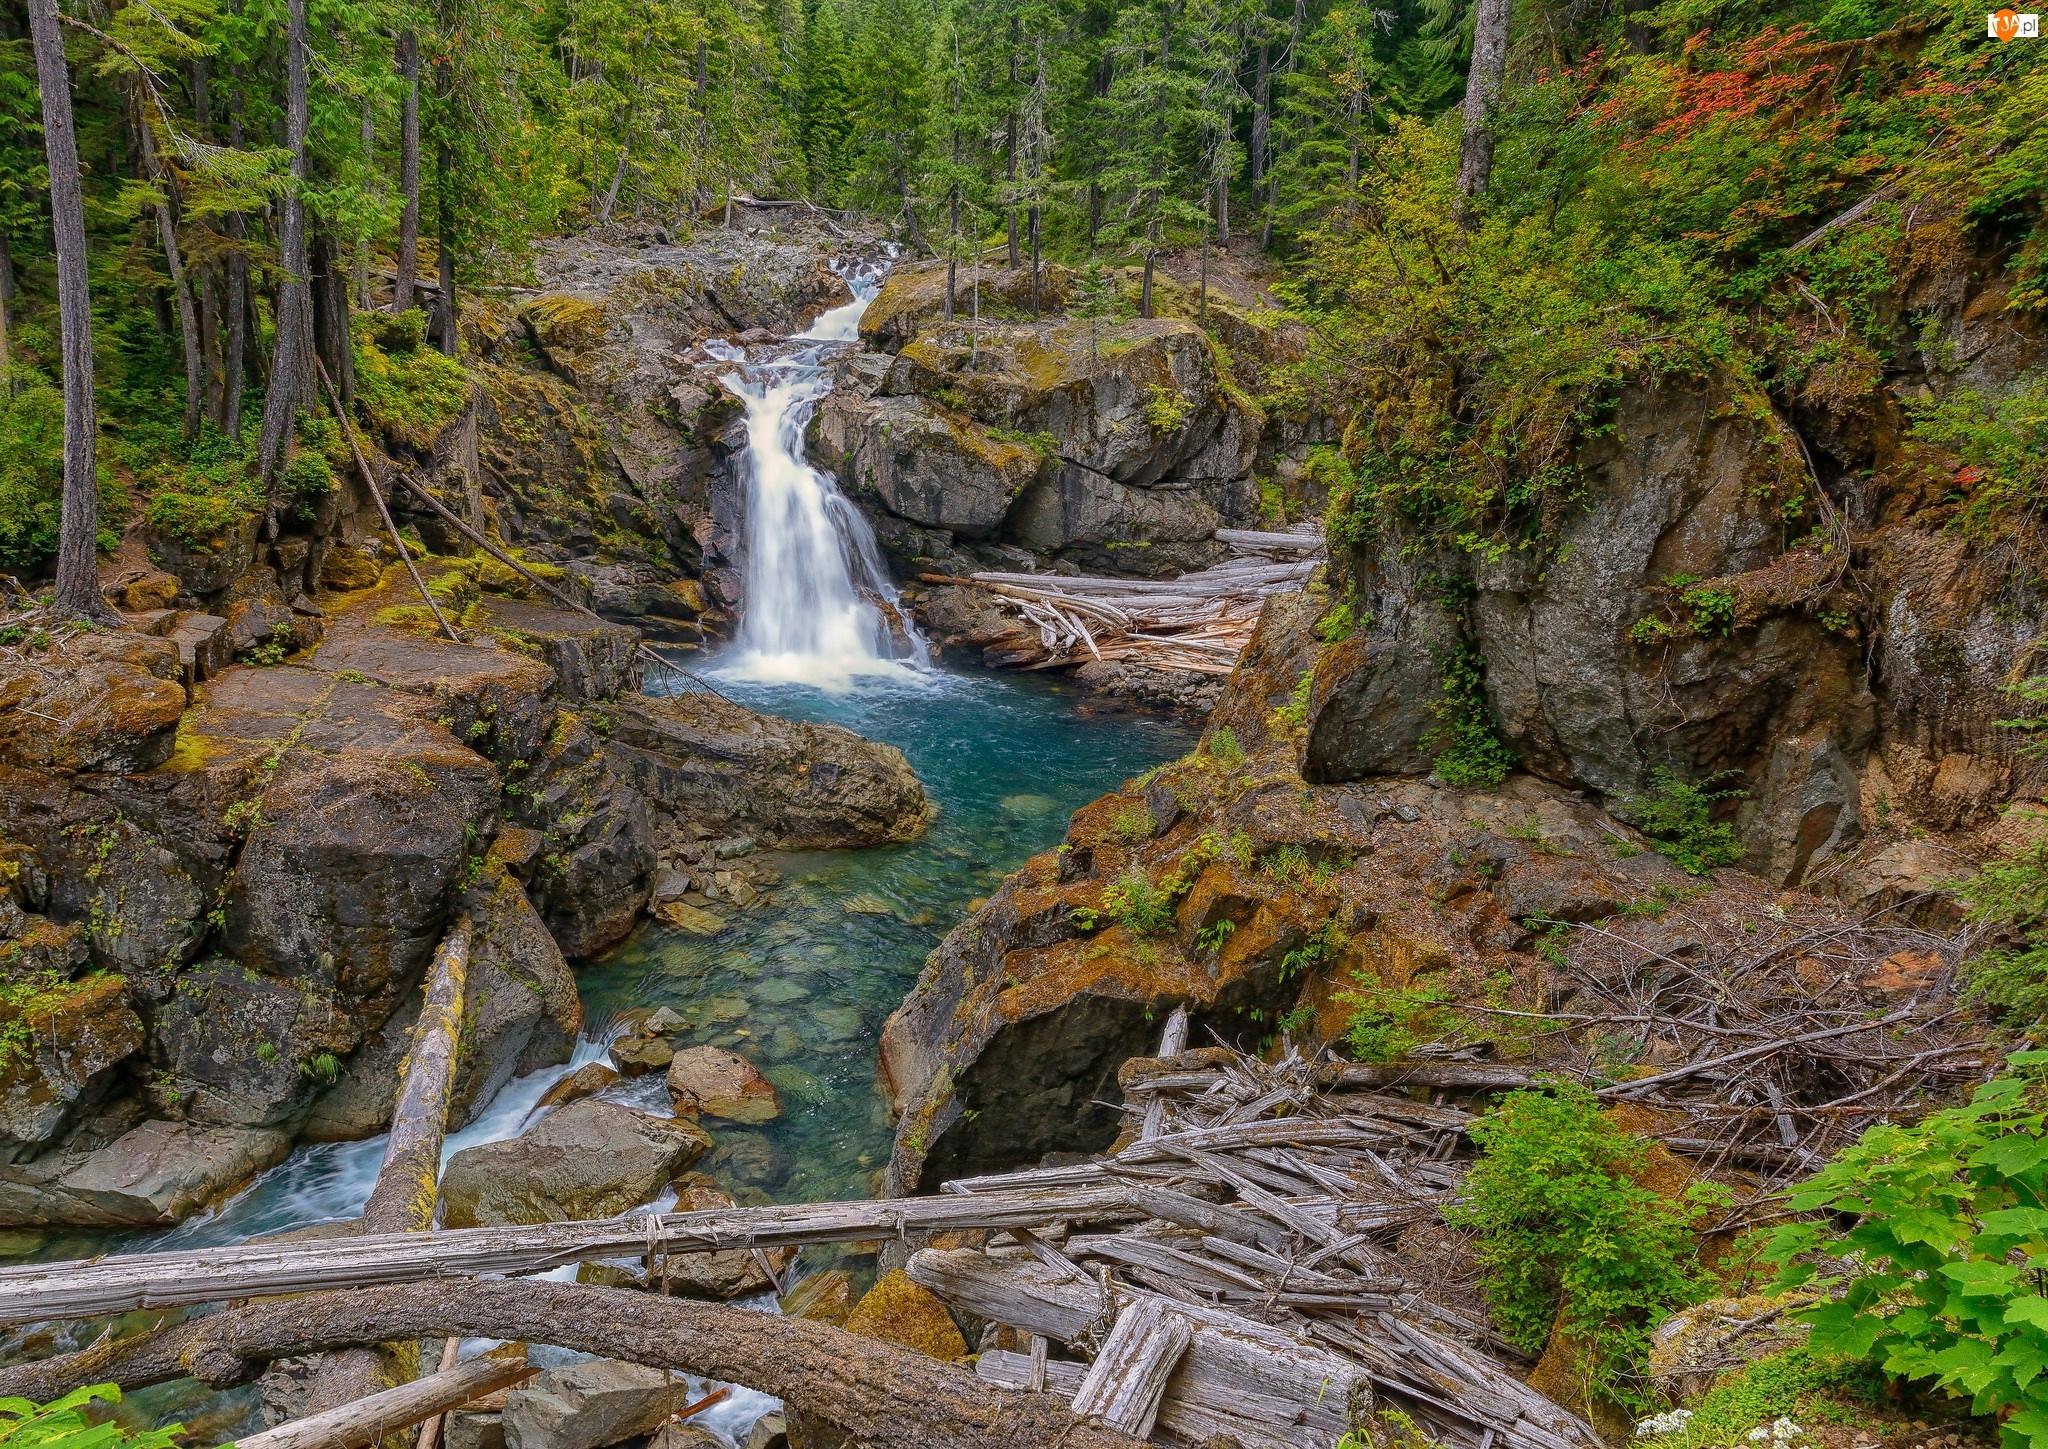 Wodospad, Roślinność, Kamienie, Rzeczka